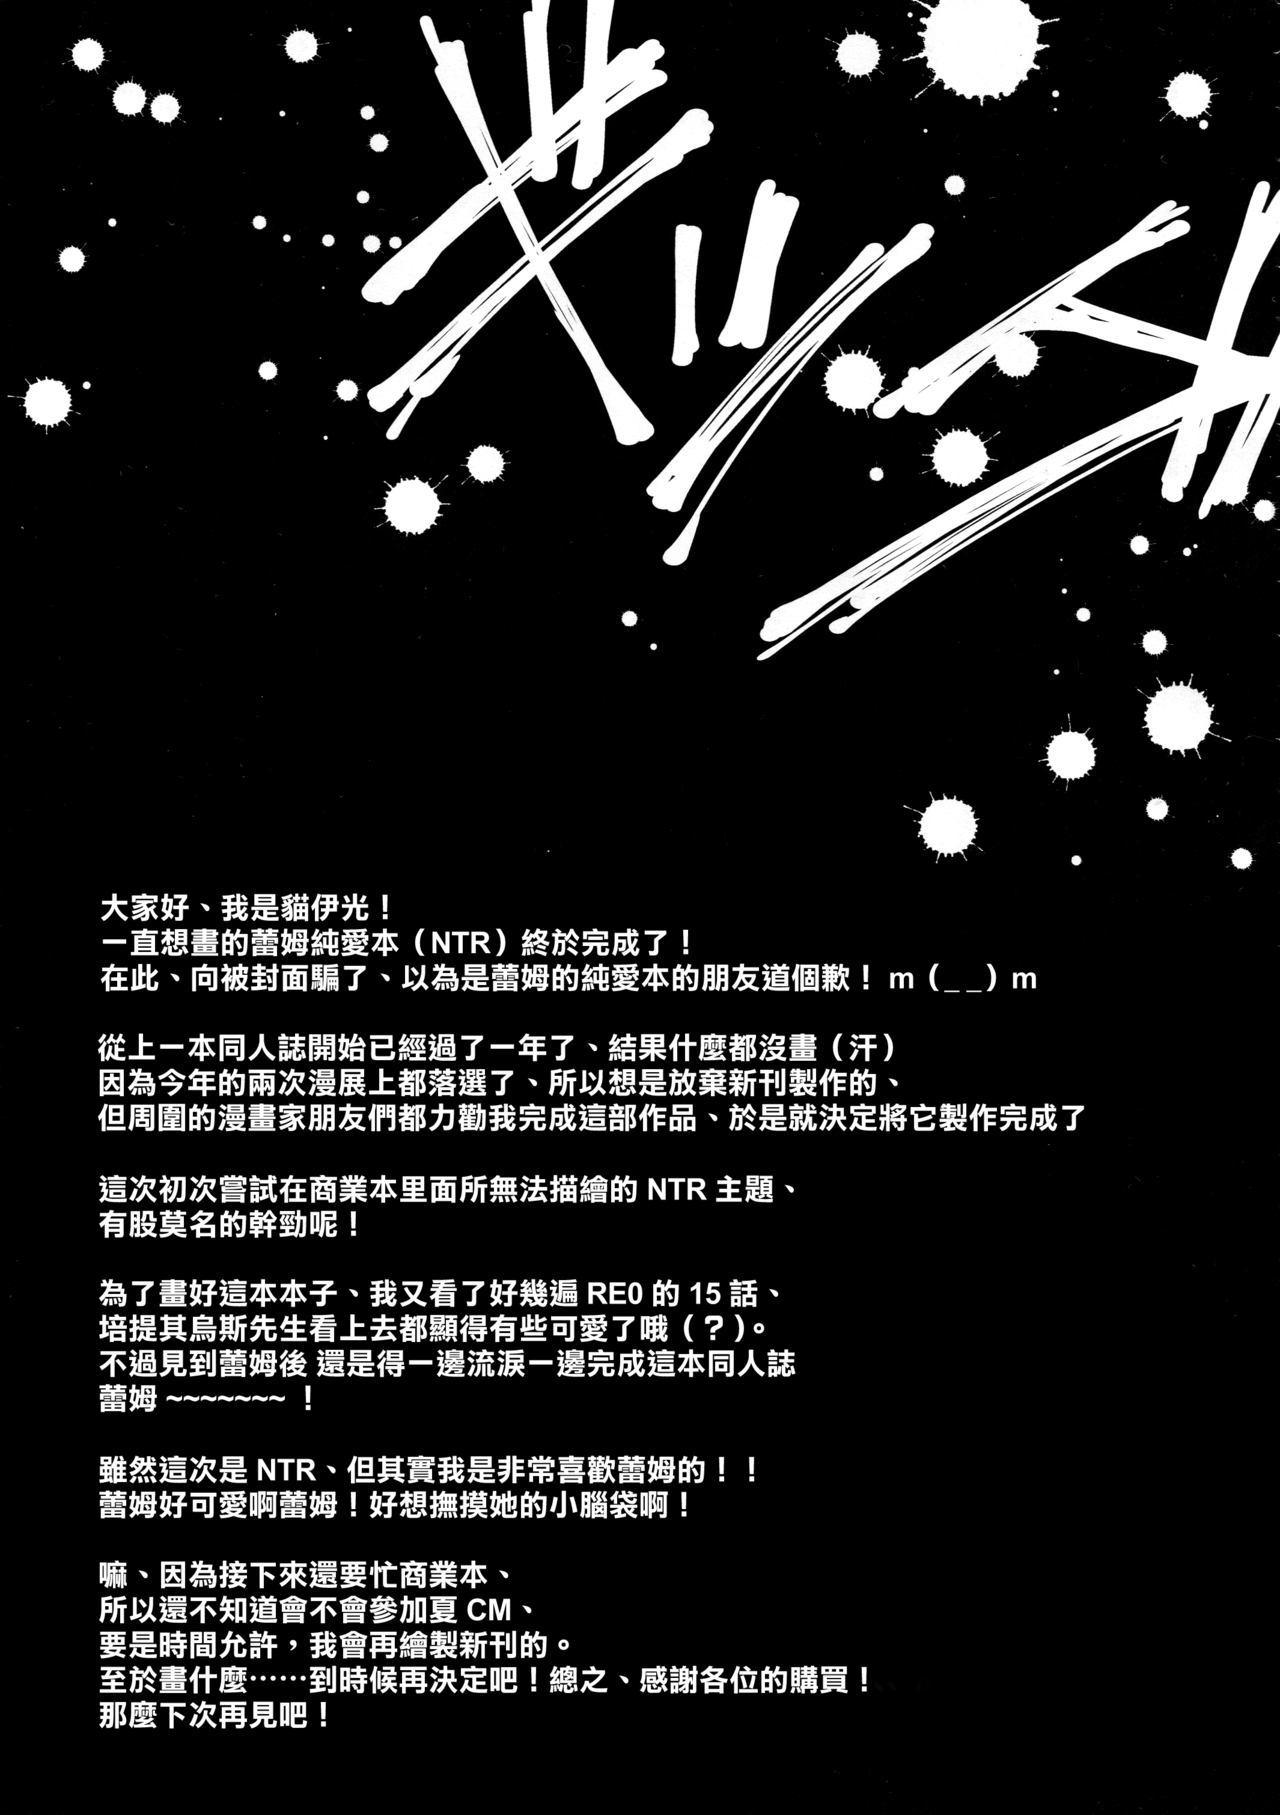 (C91) [Once Only (Nekoi Hikaru)] Rem Kara (Re:Zero kara Hajimeru Isekai Seikatsu) [Chinese] [无毒汉化组] 25